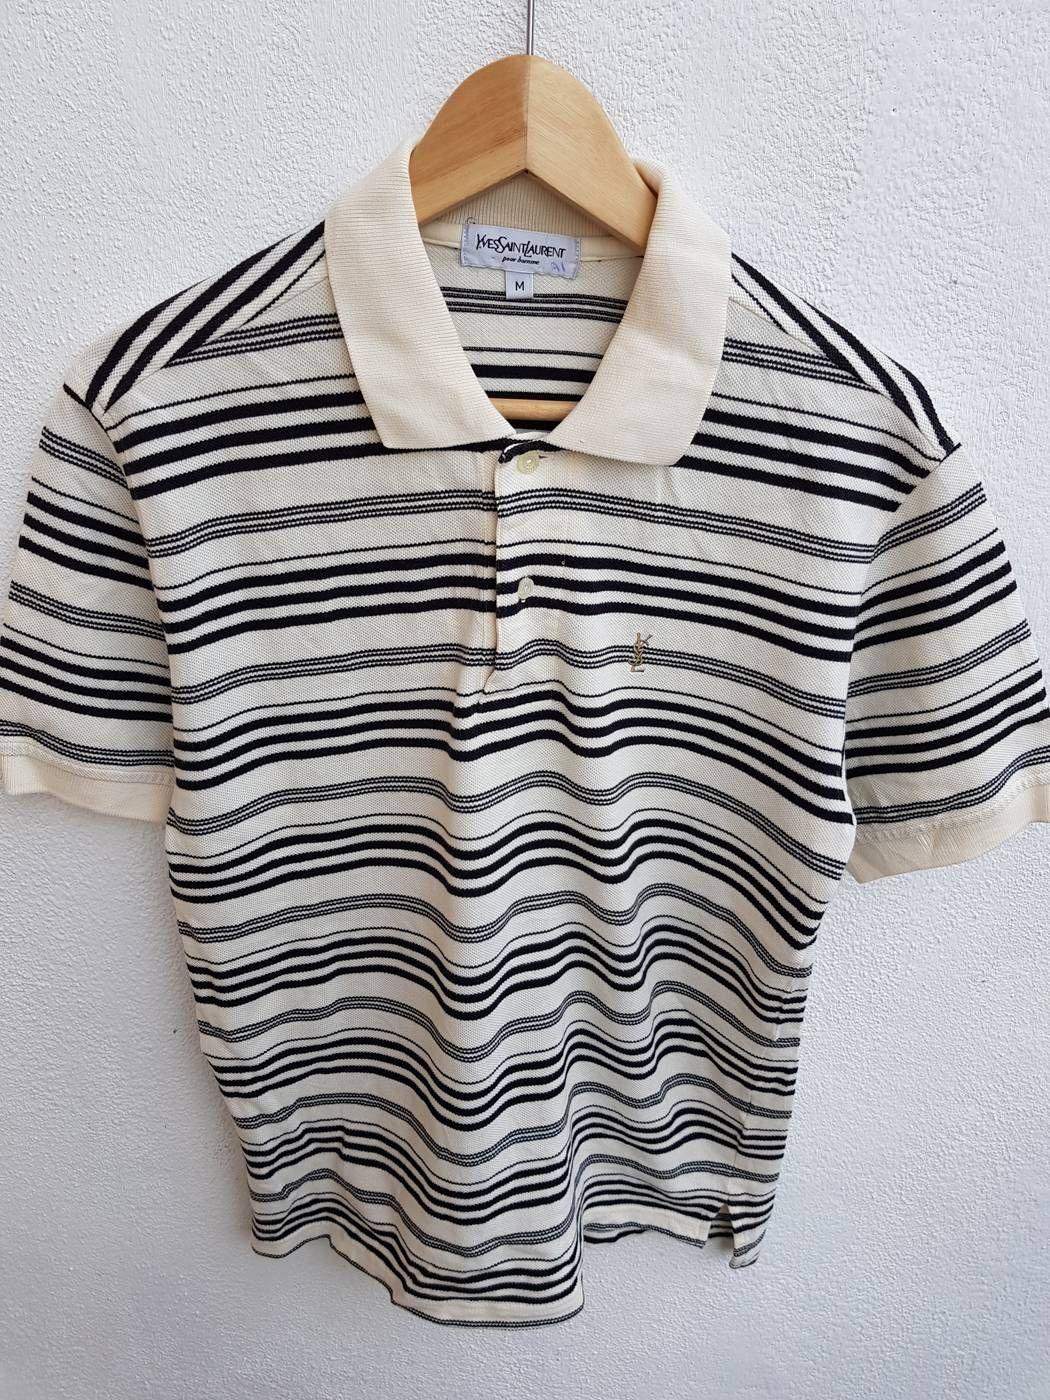 d4f109f0 Ysl Pour Homme Vintage 90s YSL Yves Saint Laurent Pour Homme Stripes  Embroidered Monogram Polos Shirt Size M Size US M / EU 48-50 / 2 - 2